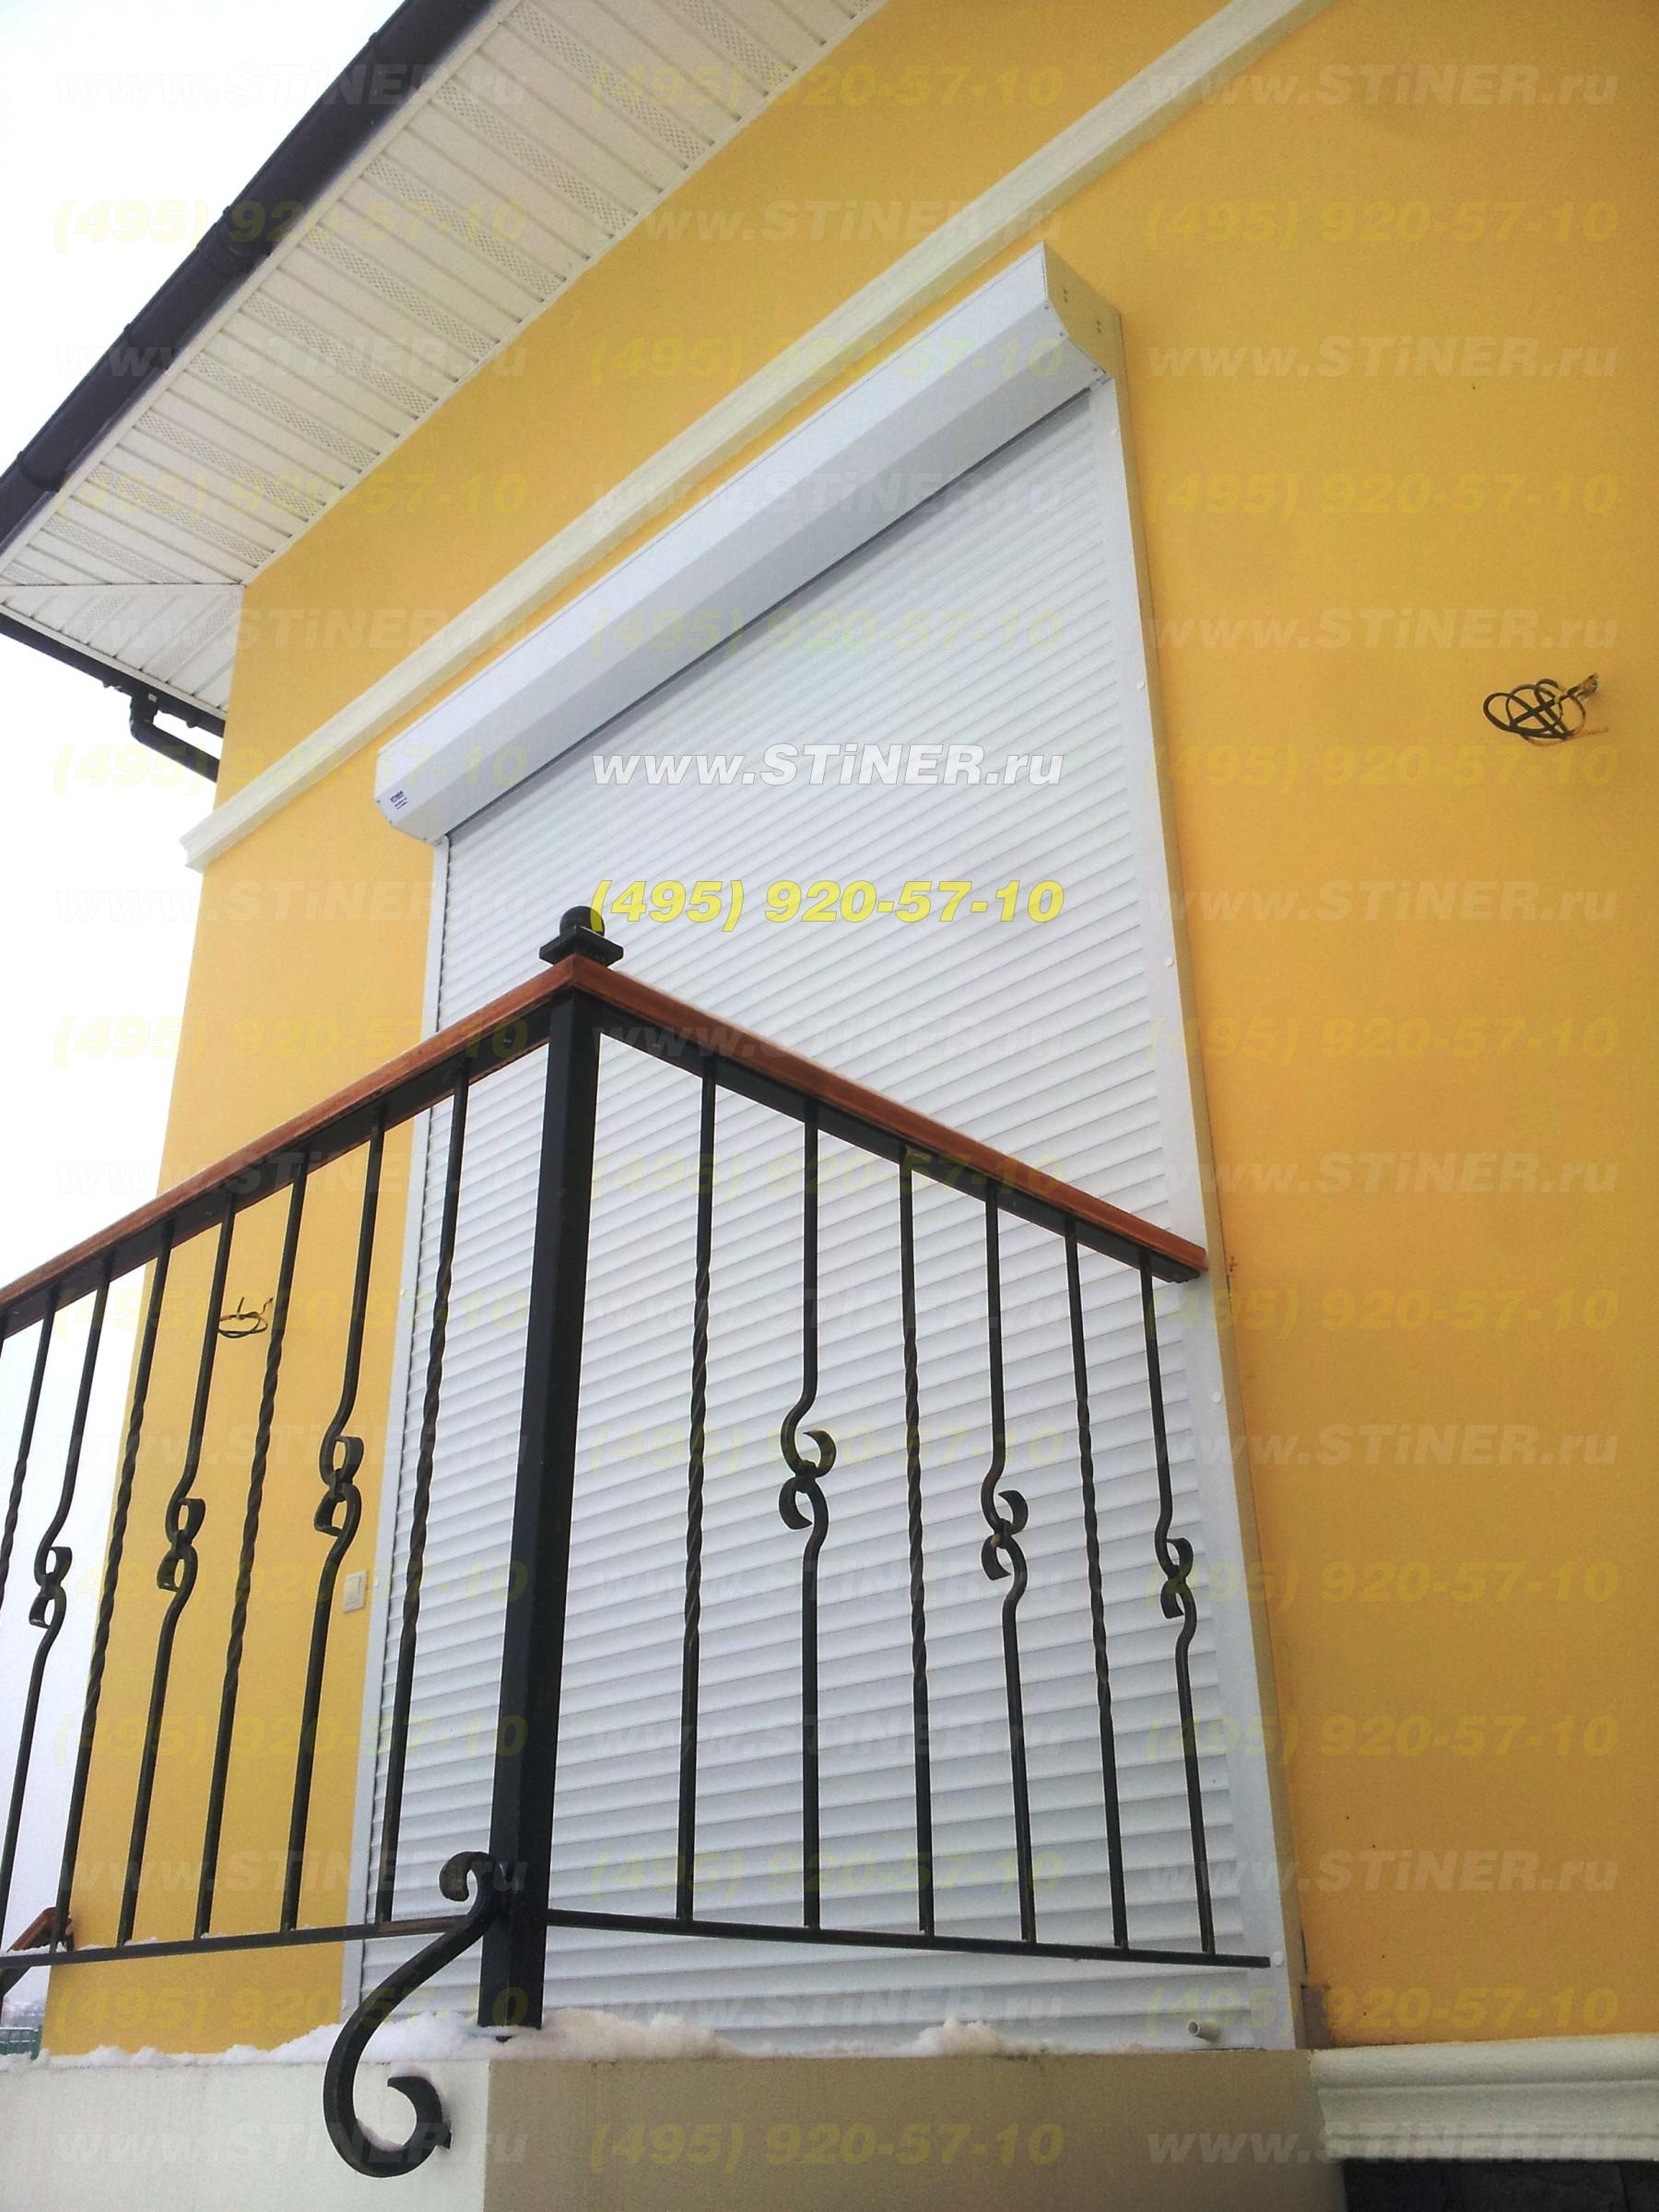 Раольставни для защиты дачи. Рольставни на балкон цокольного этажа с установкой в Москве и области